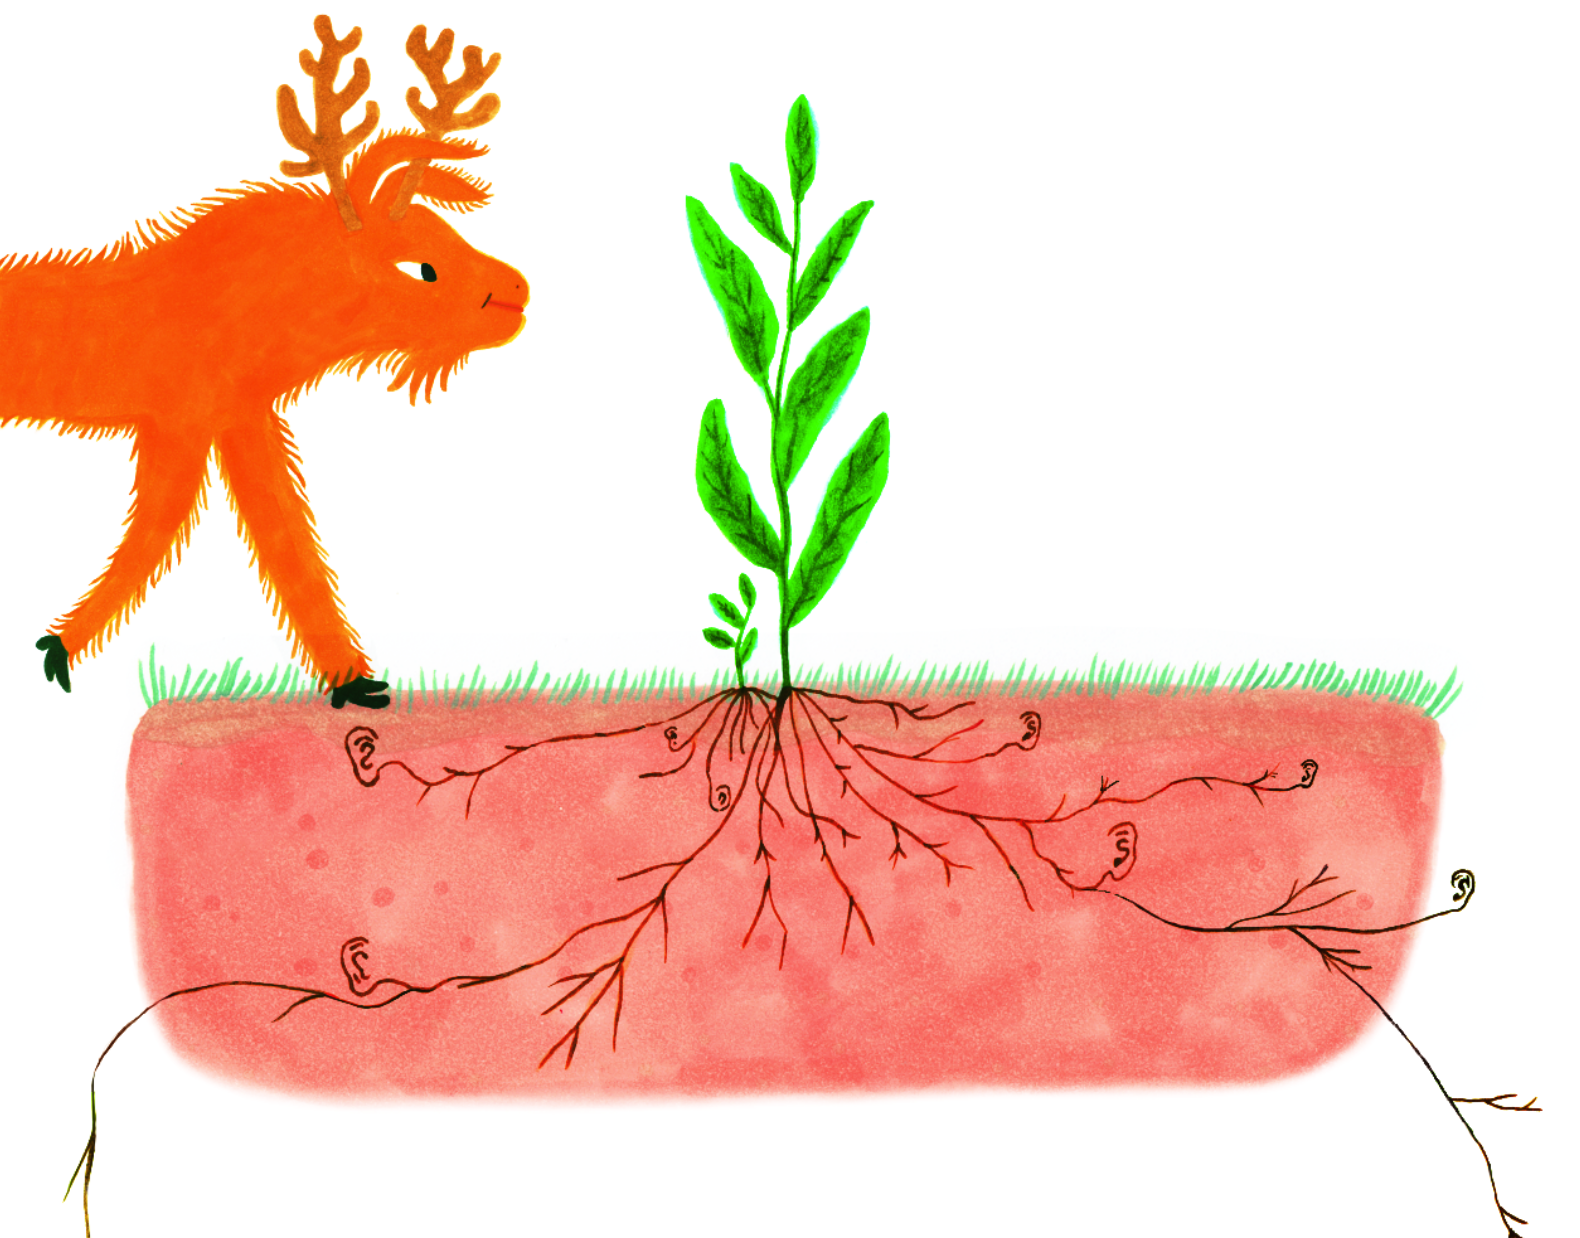 Växternas hemliga liv